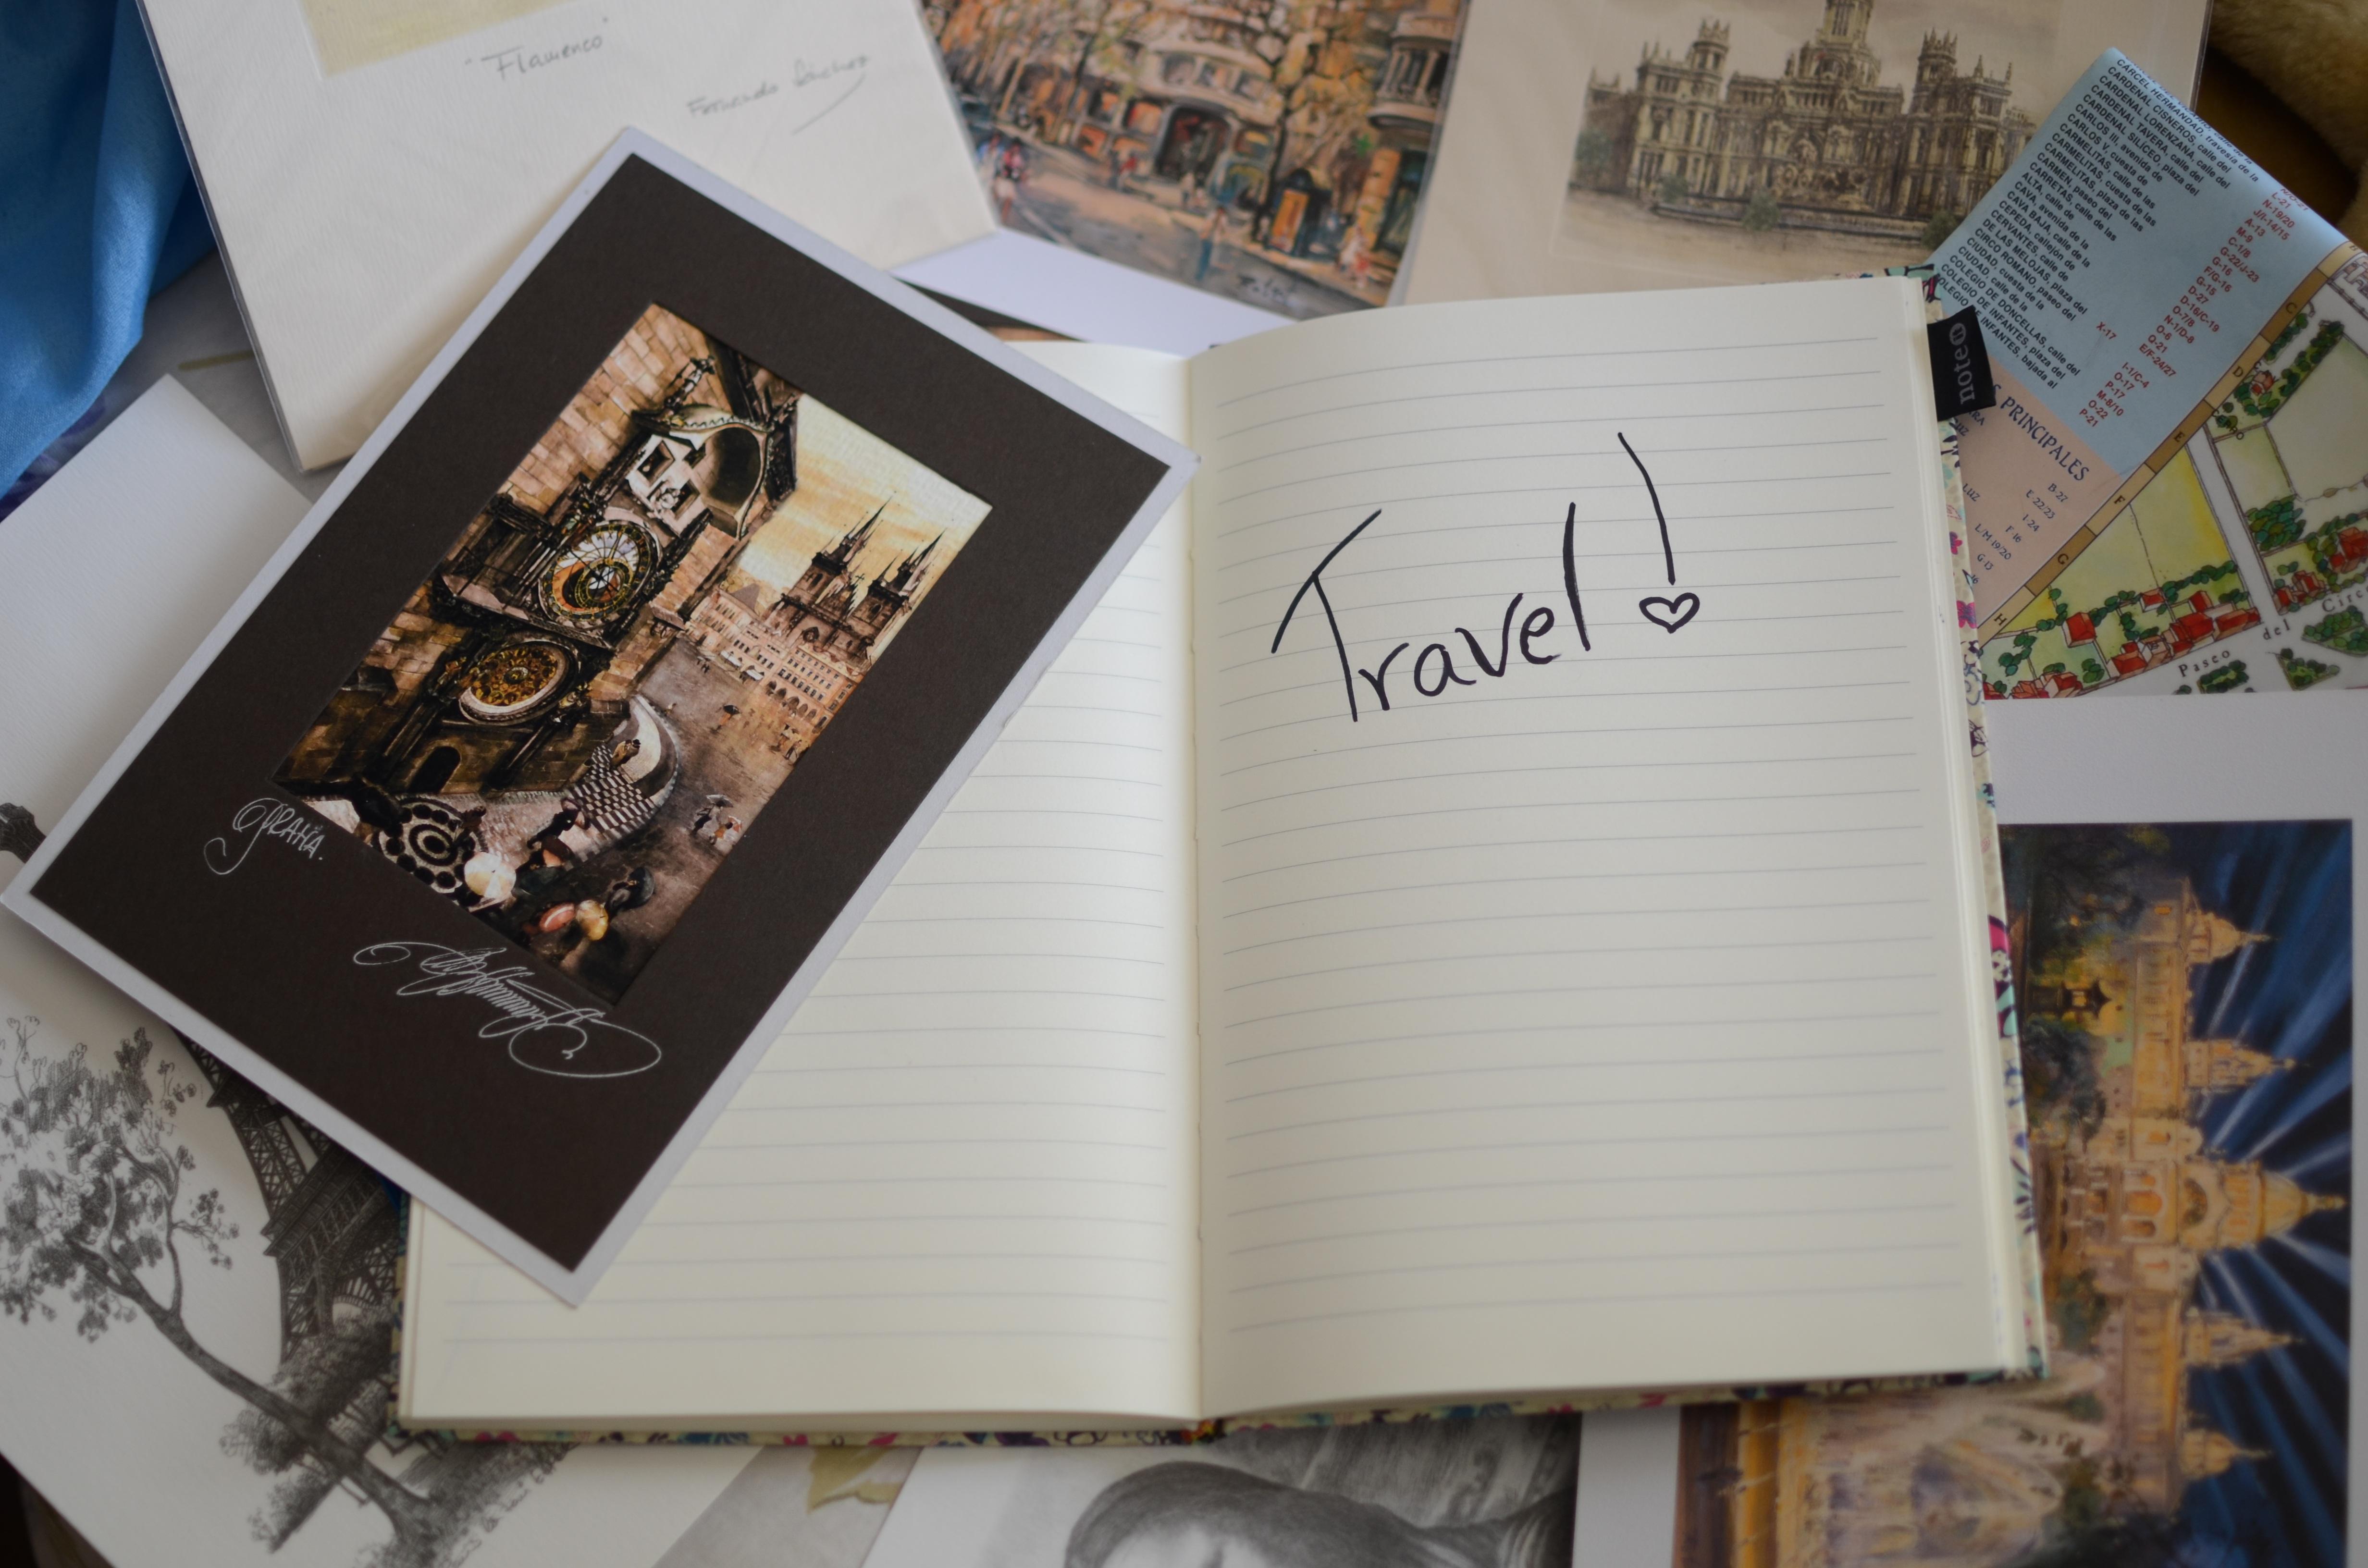 Gratis billeder : rejse, dagsorden, brand, kunst, design, postkort ...